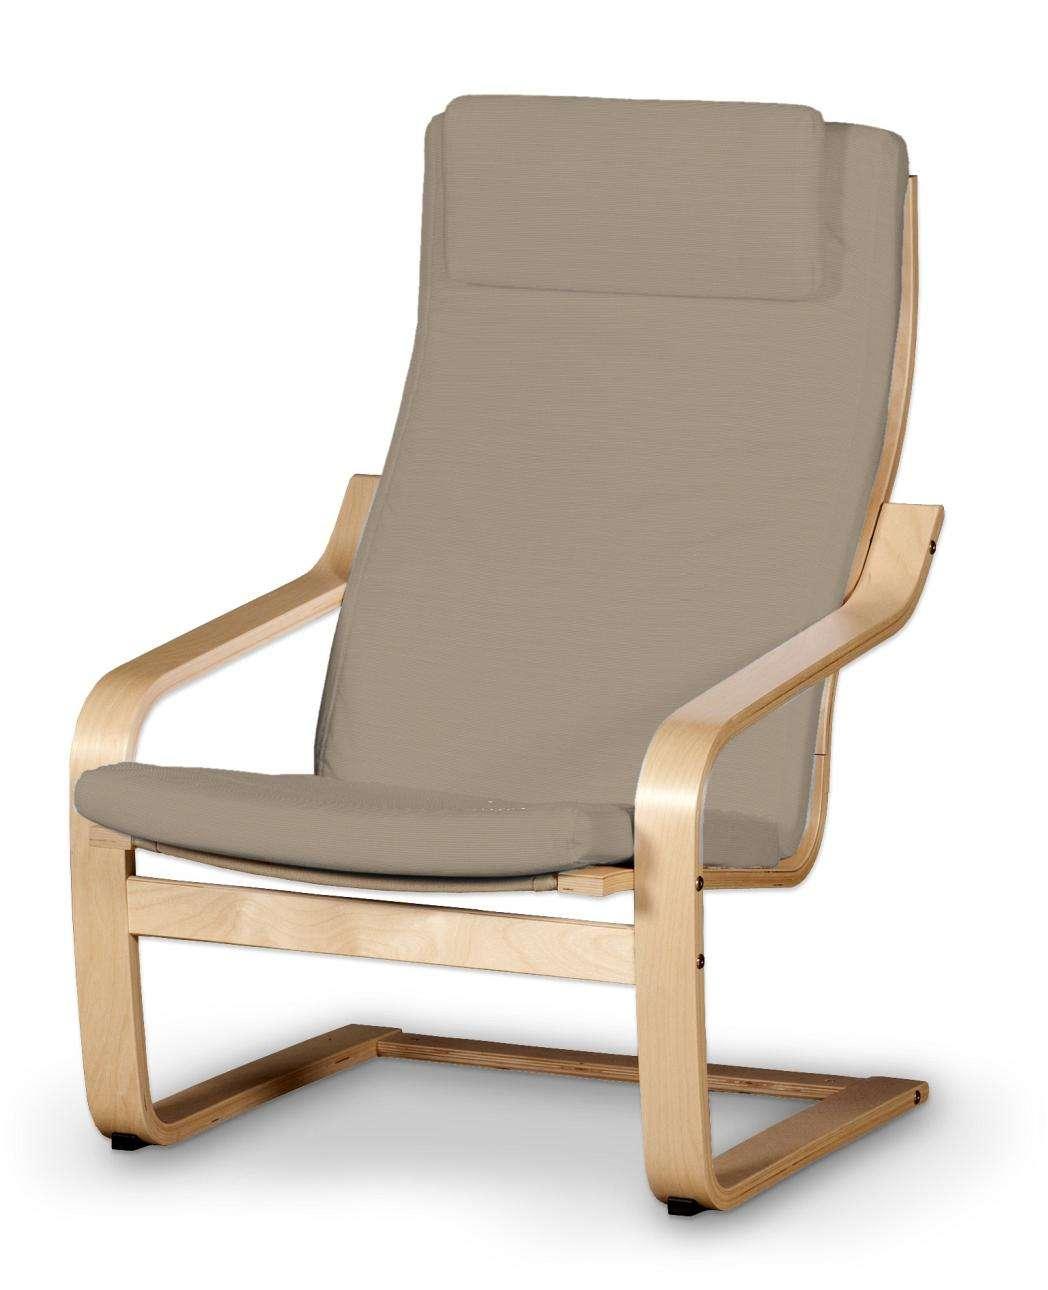 Poäng II  fotelio užvalkalas (su nuimama pagalvėle) Poäng II fotelis su nuimama pagalvėle kolekcijoje Cotton Panama, audinys: 702-28